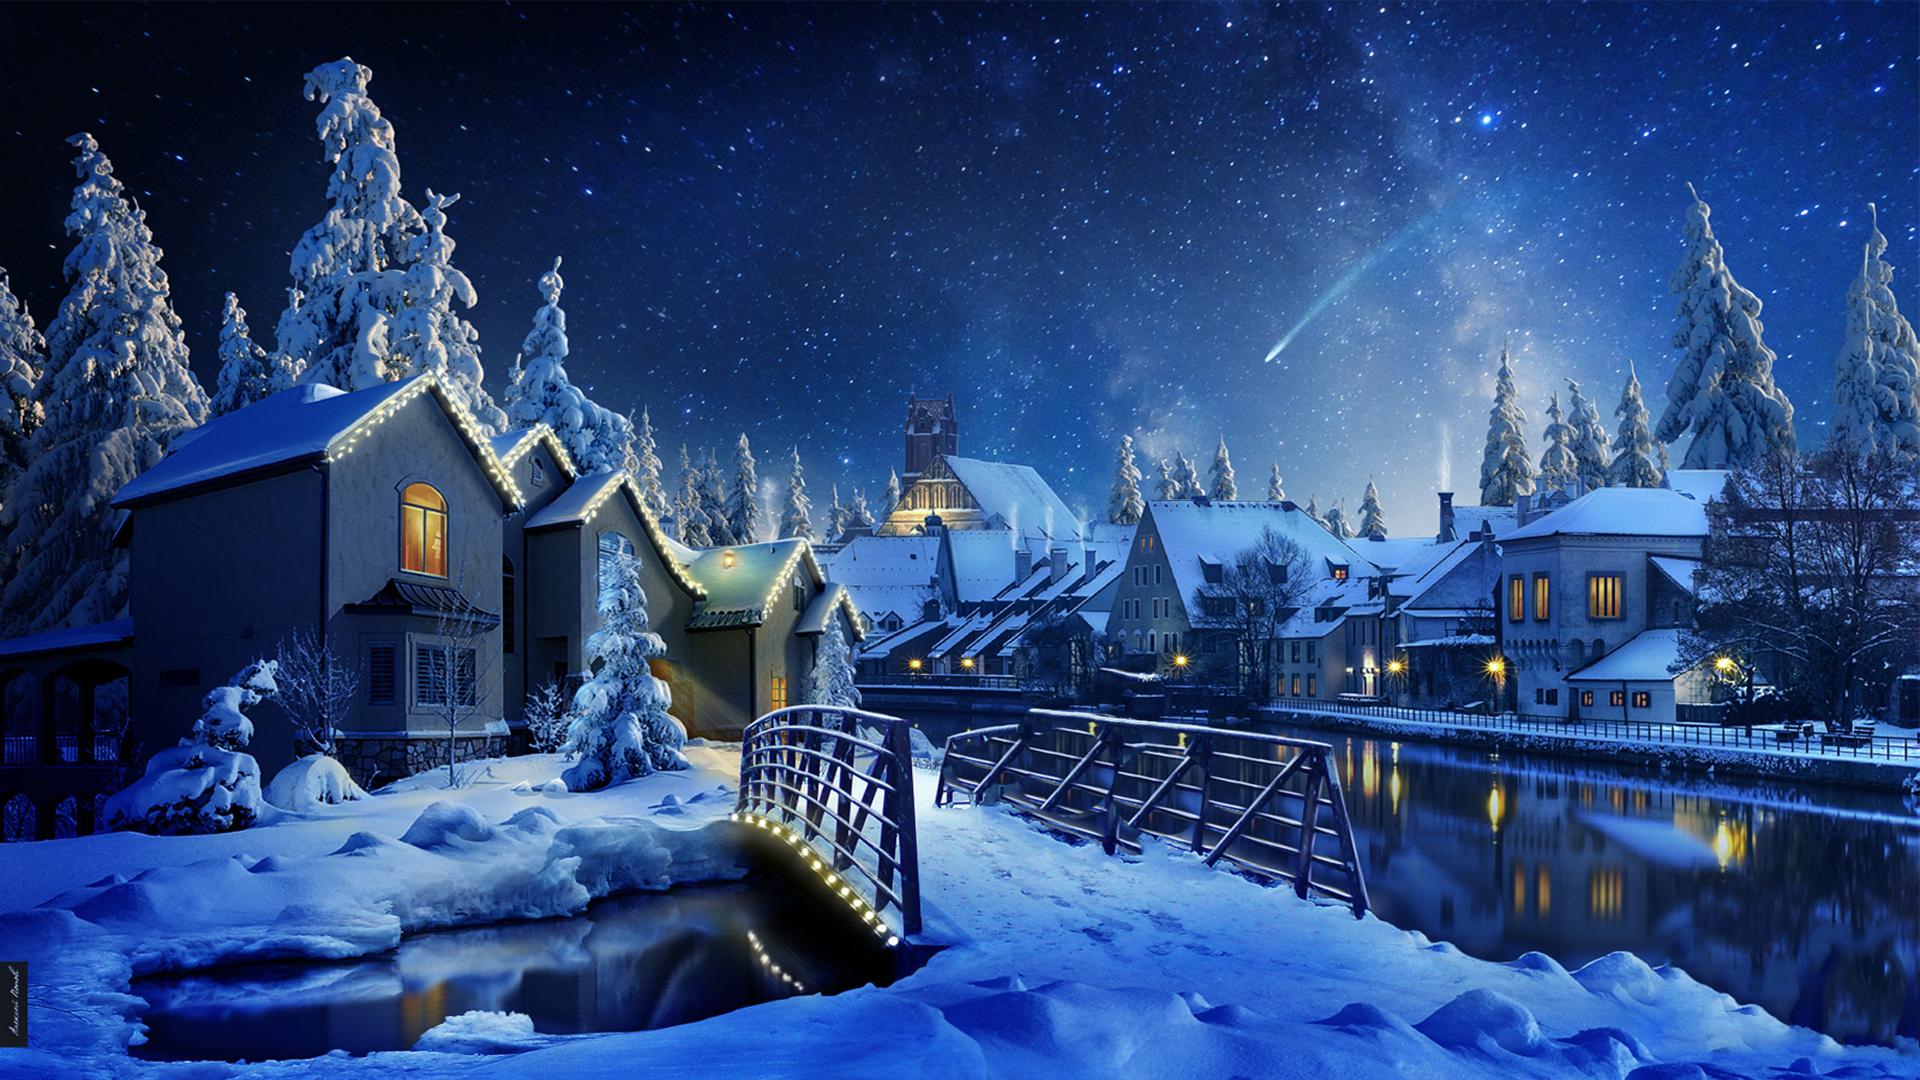 Сватье, новогодней ночи картинки